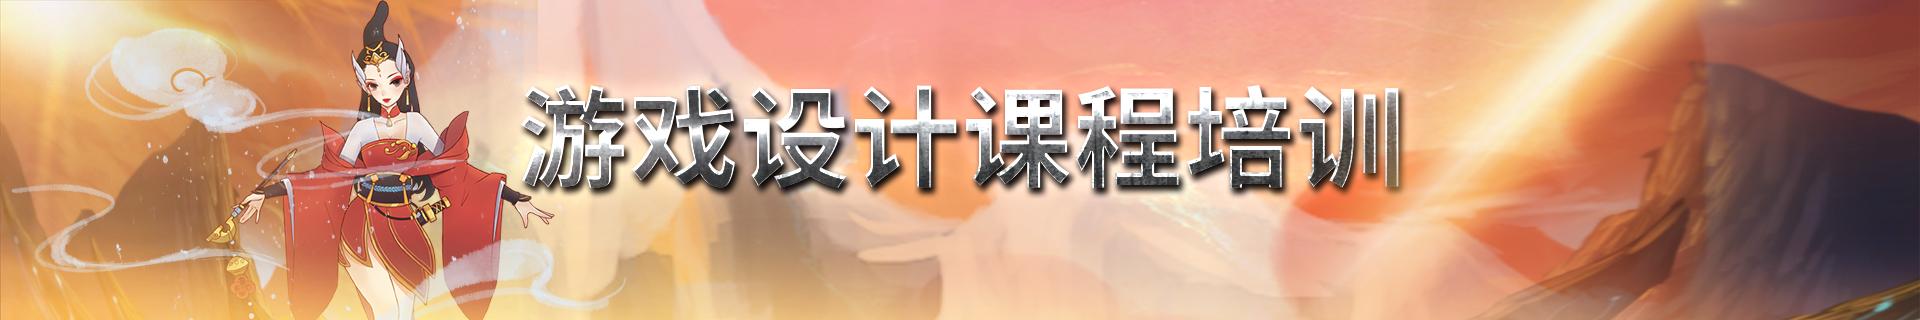 石家庄新华区火星时代教育